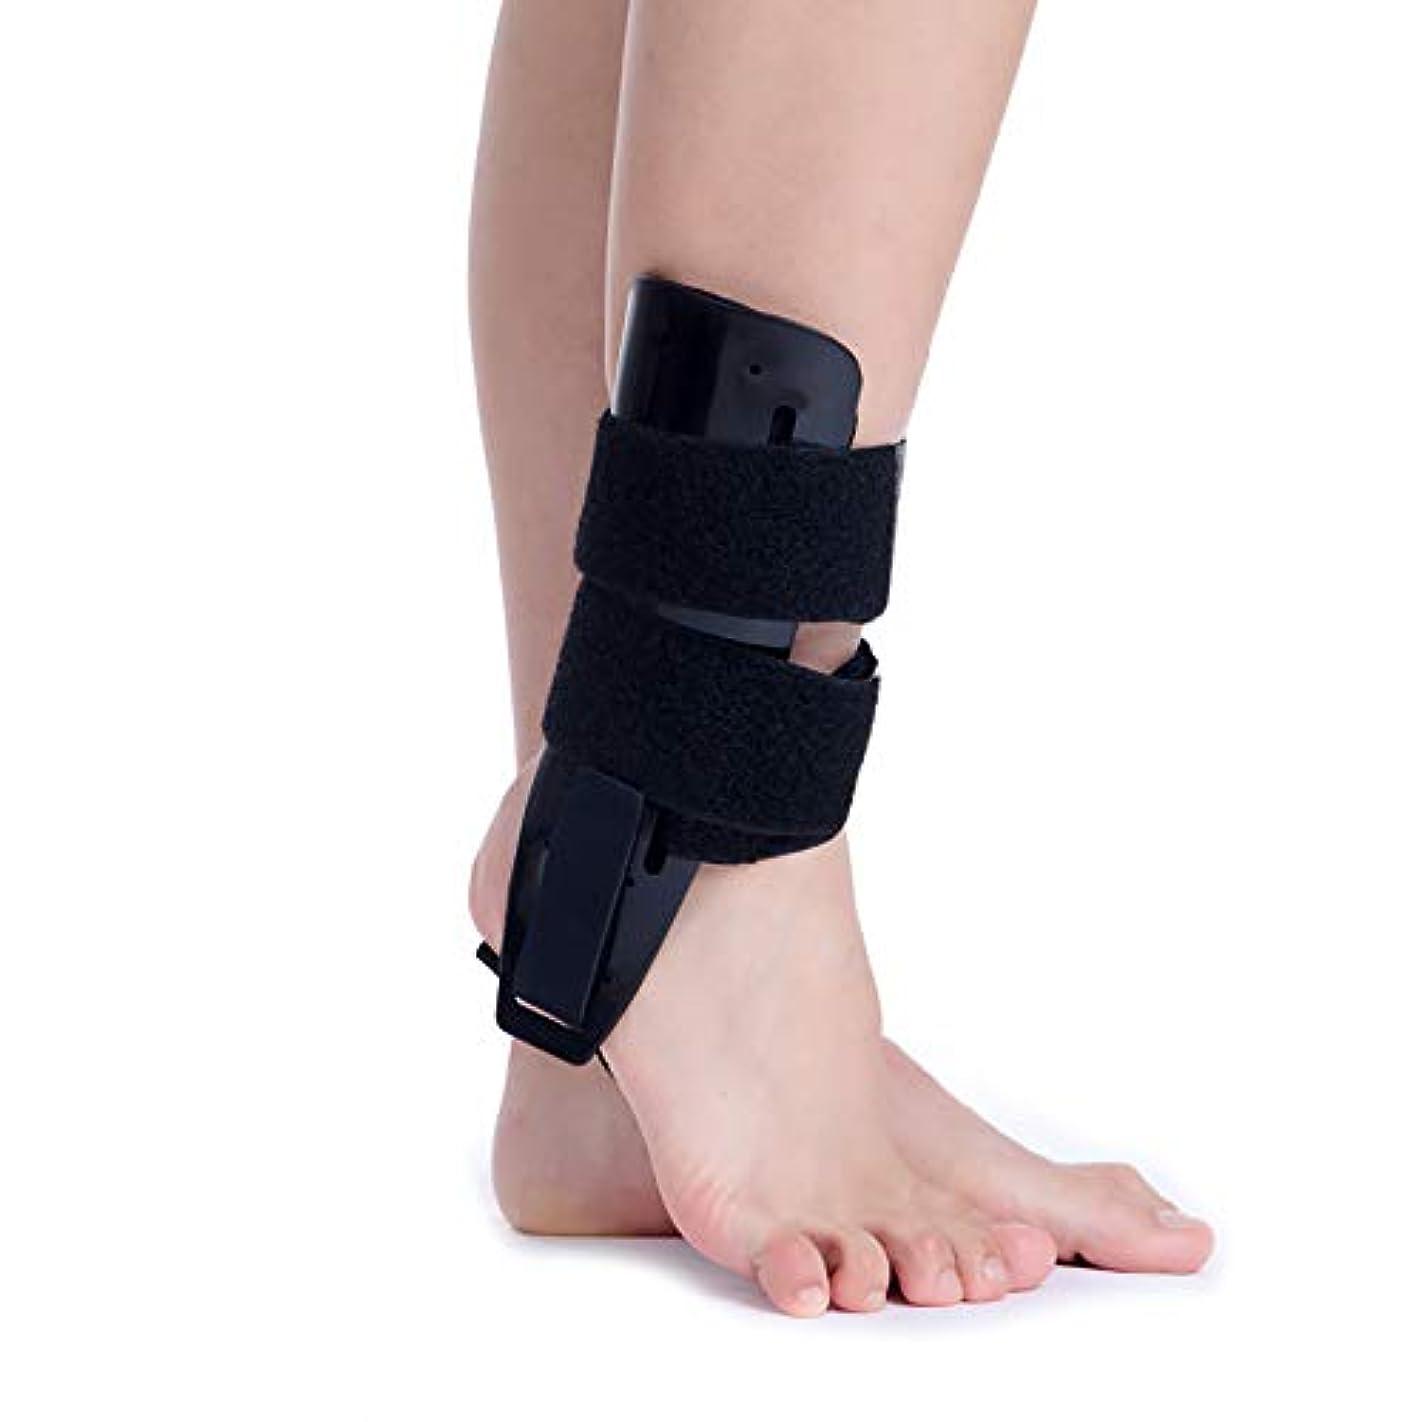 試してみるスナック受け皿足底筋膜炎足副木、ドロップフット、かかとの痛みを軽減するための足の袖と背部の副木のアーチ矯正装具ブレース